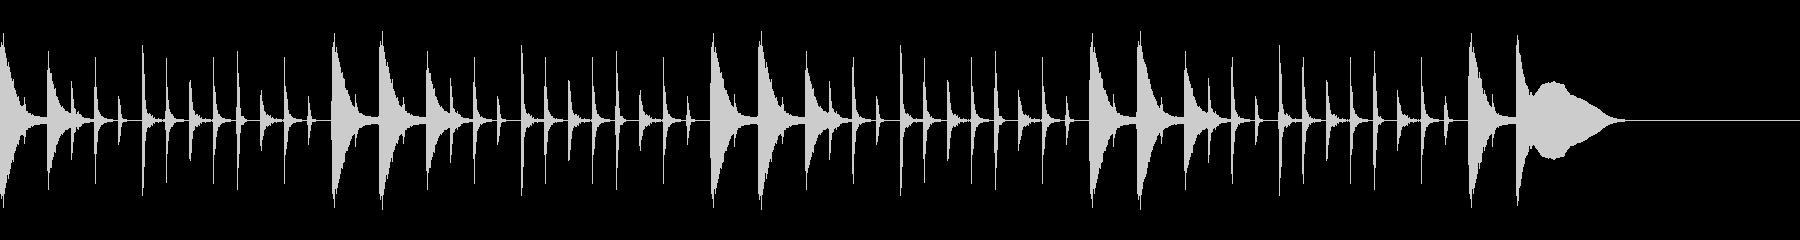 太鼓の音の未再生の波形